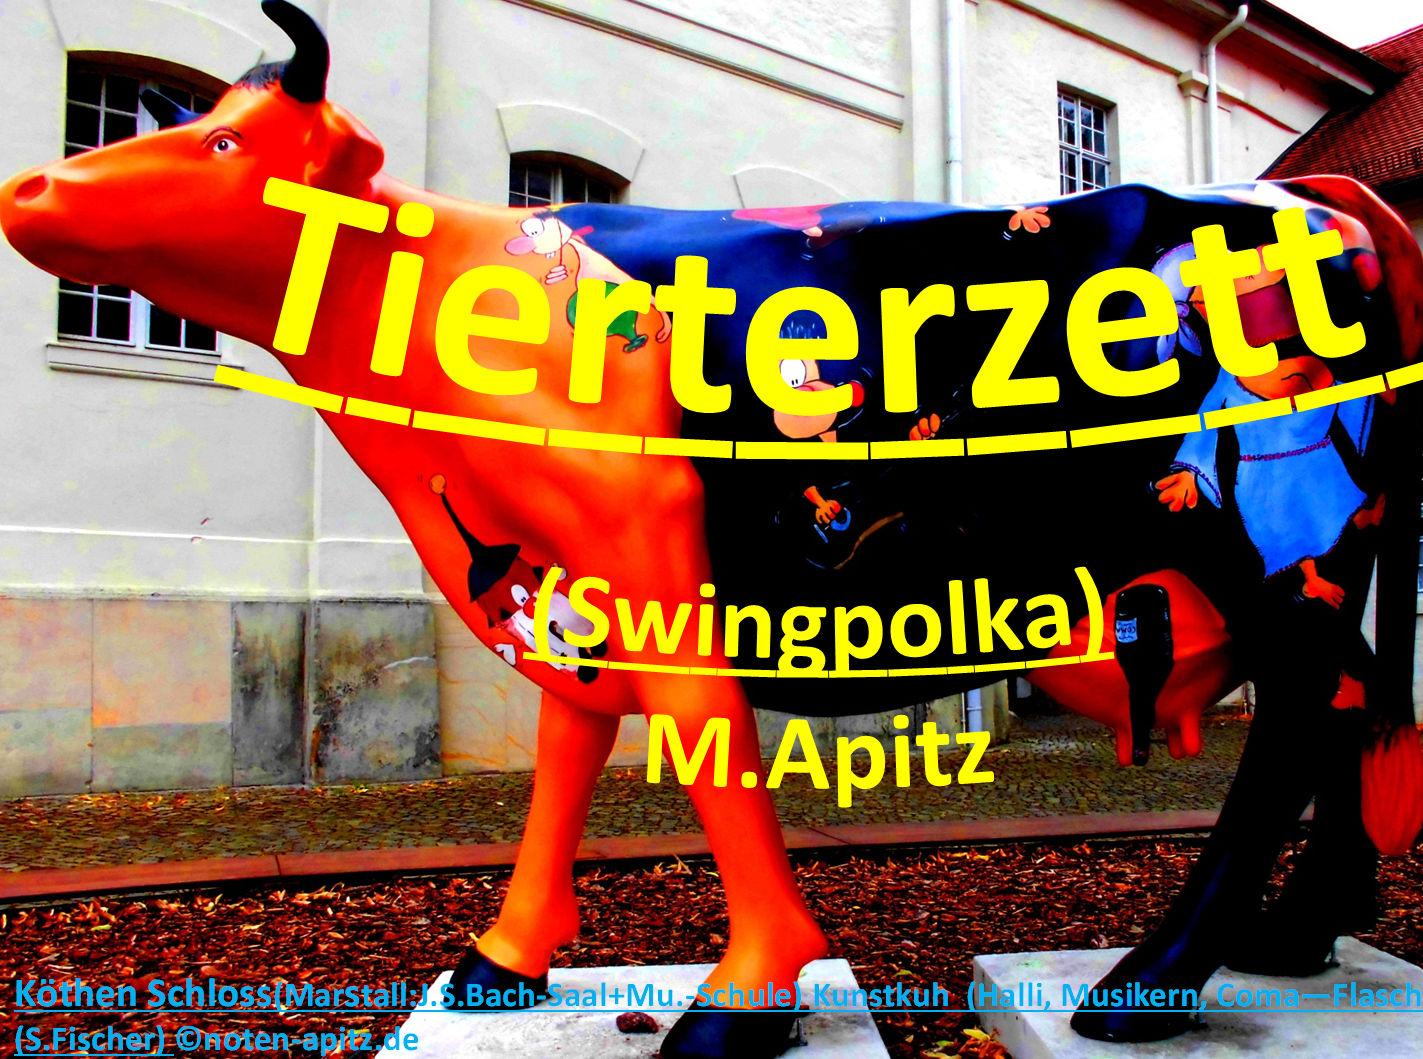 Tierterzett (Swingpolka) M. Apitz (Manfred Apitz); Köthen Schloss, Marstall: J. S. Bach-Saal + Musikschule Kunstkuh (Halli, Musikern, Koma—Flasche) (S. Fischer) Sparte: Konzert 20./21. Jh.